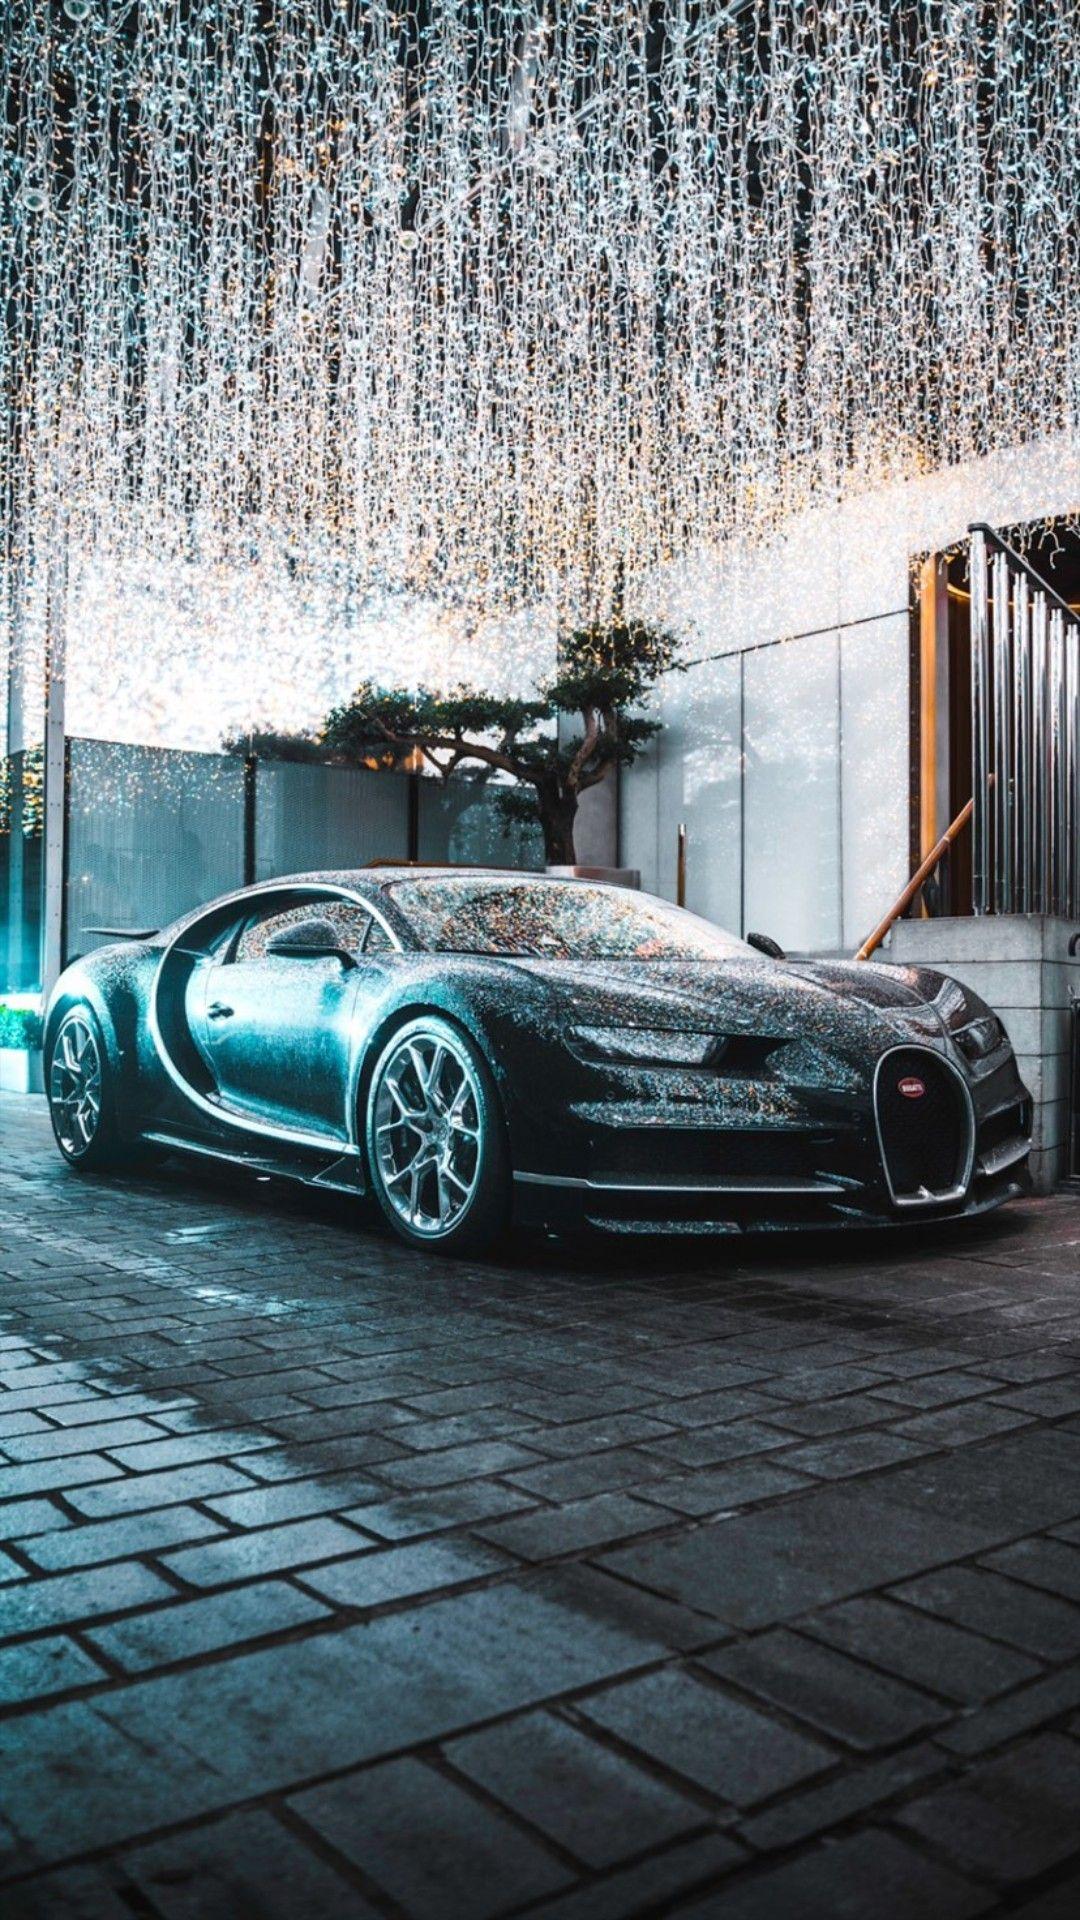 Rtwenty3 In 2020 Best Luxury Cars Super Cars Bugatti Cars